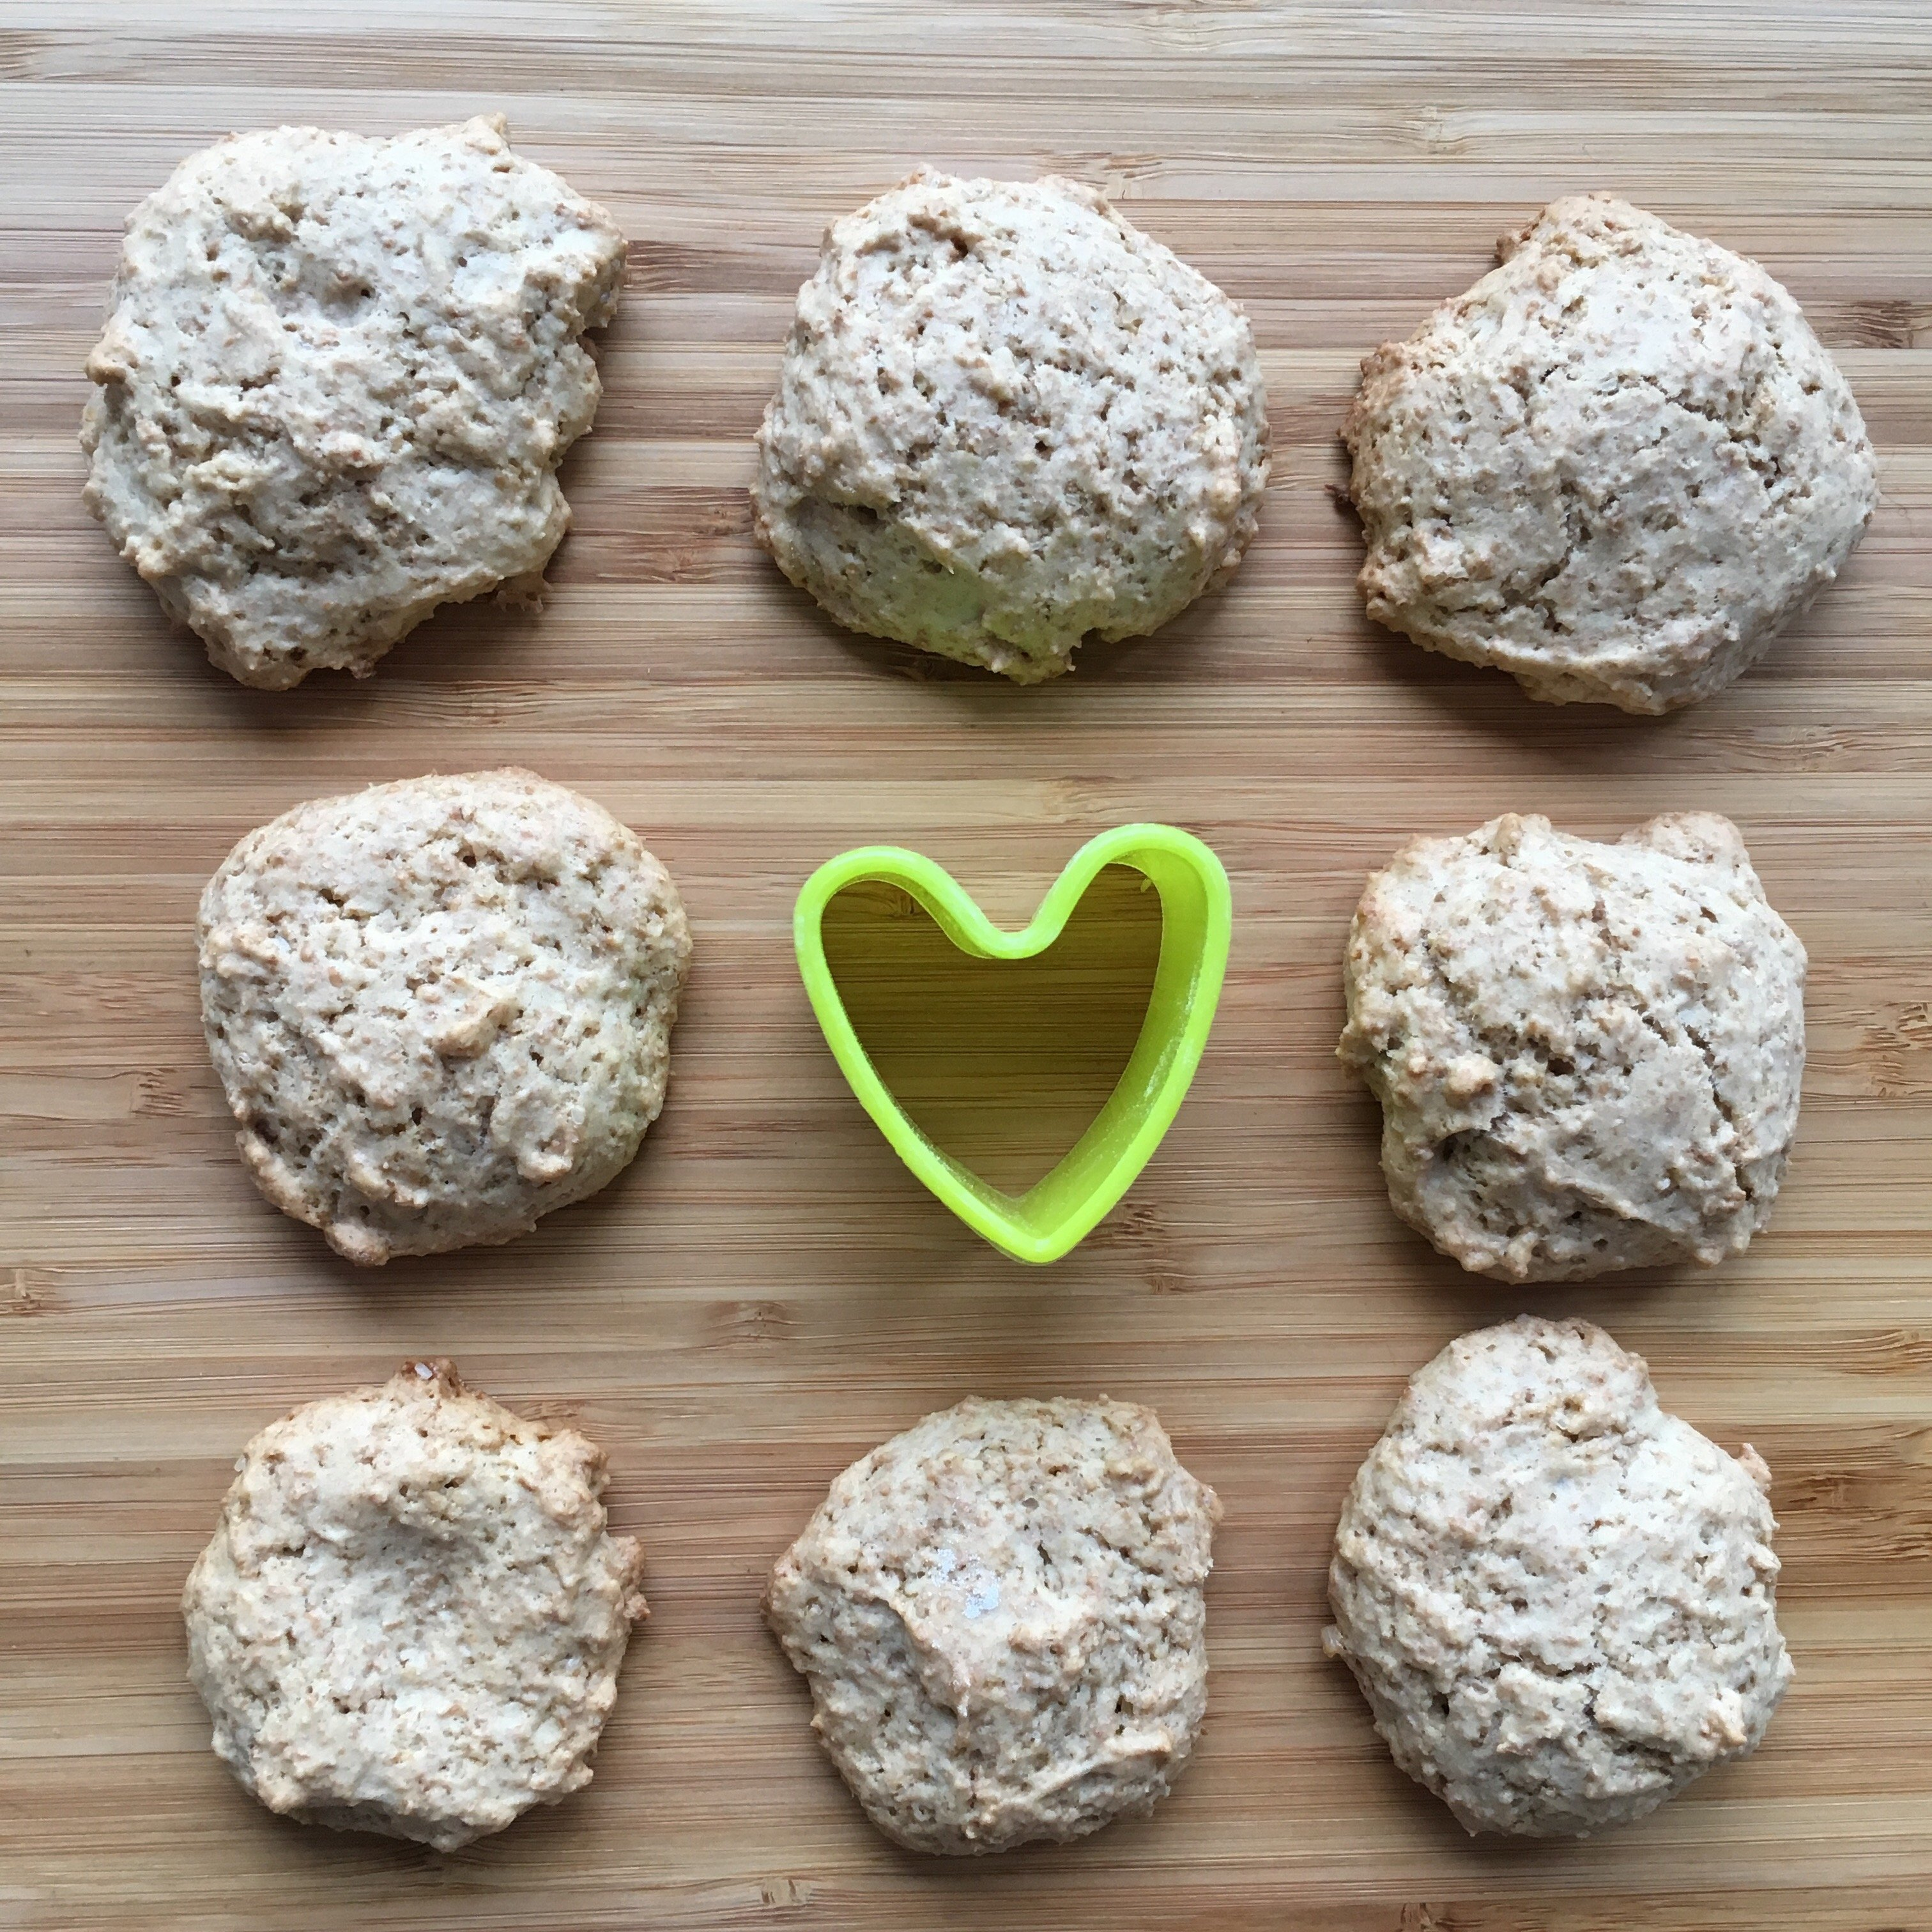 Vegan cookies - Mum what else